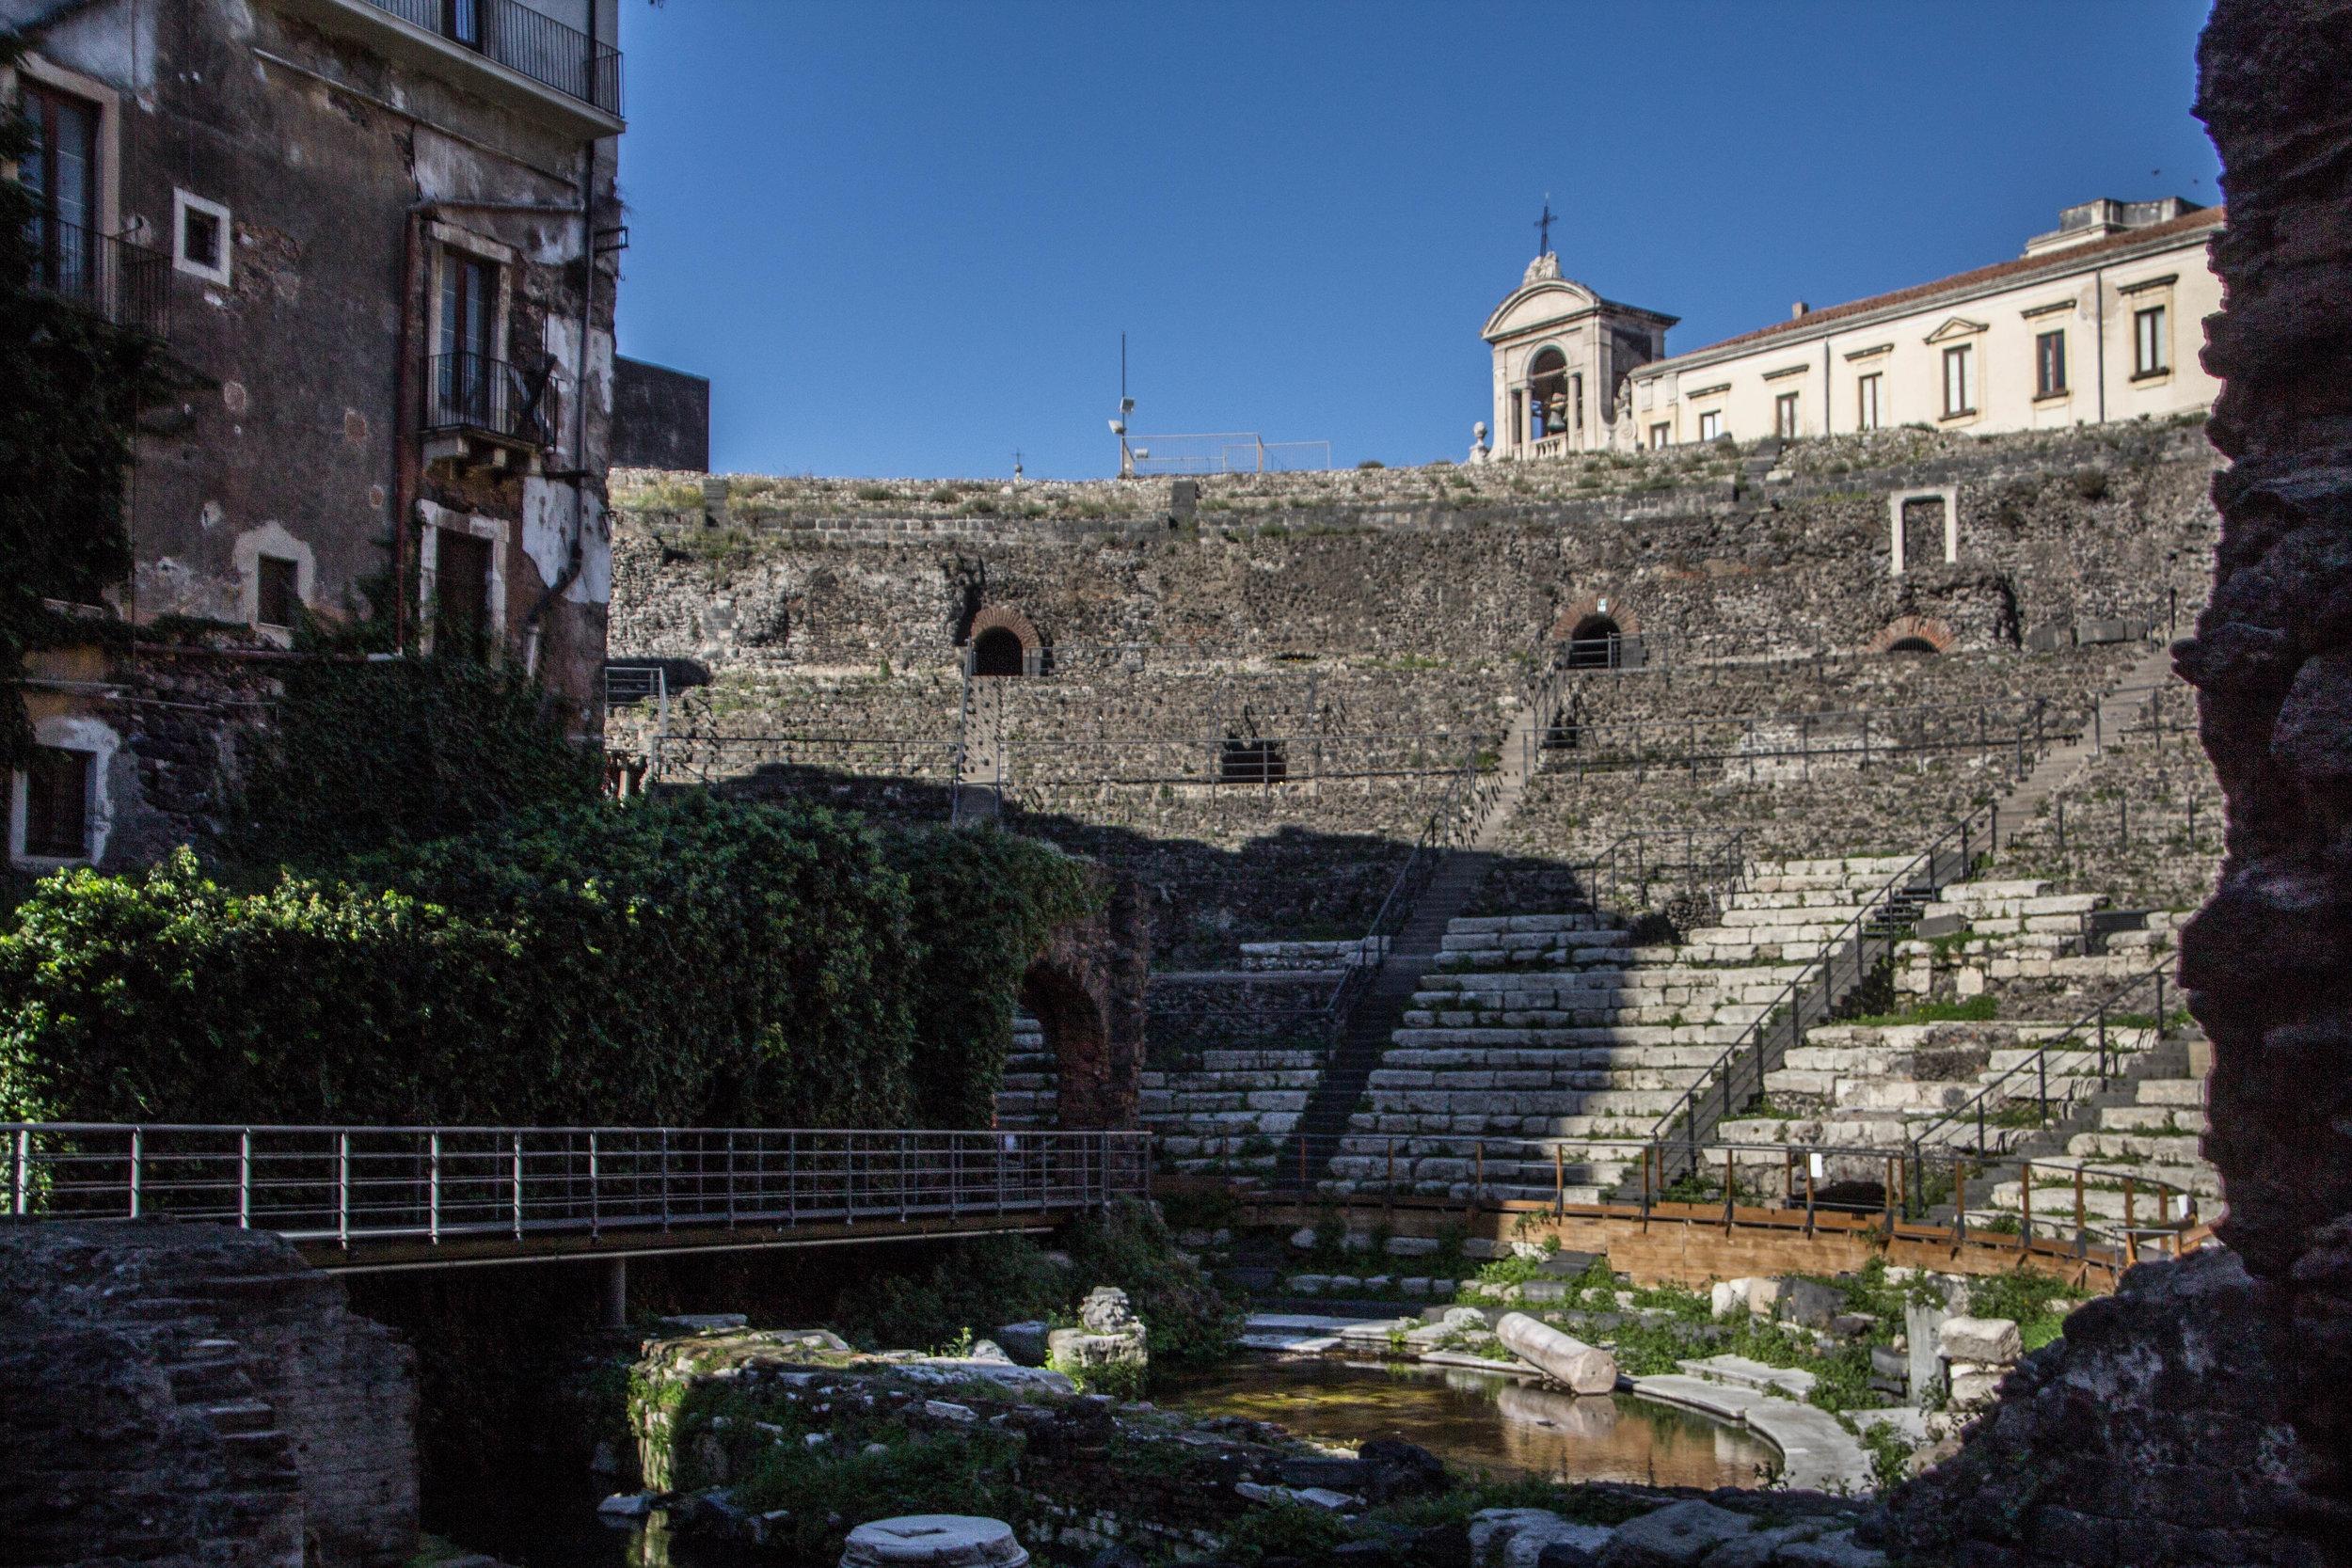 greco-roman-theater-ruins-catania-sicily-1.jpg